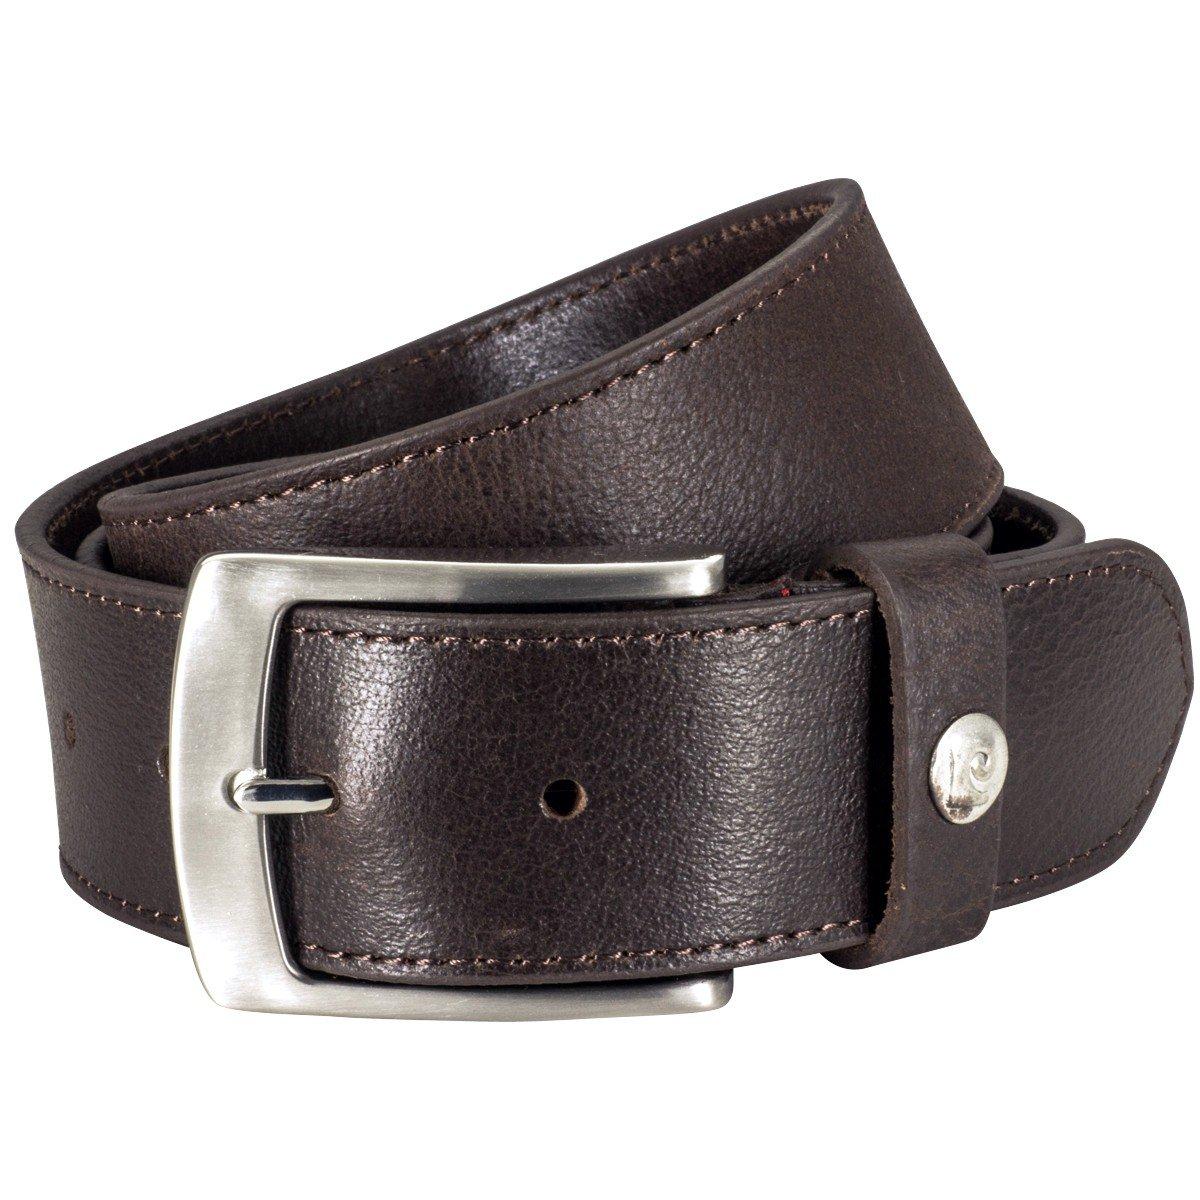 70161 completamente bufala-in pelle marrone Cintura in pelle uomo//gnaulm uomo Pierre Cardin